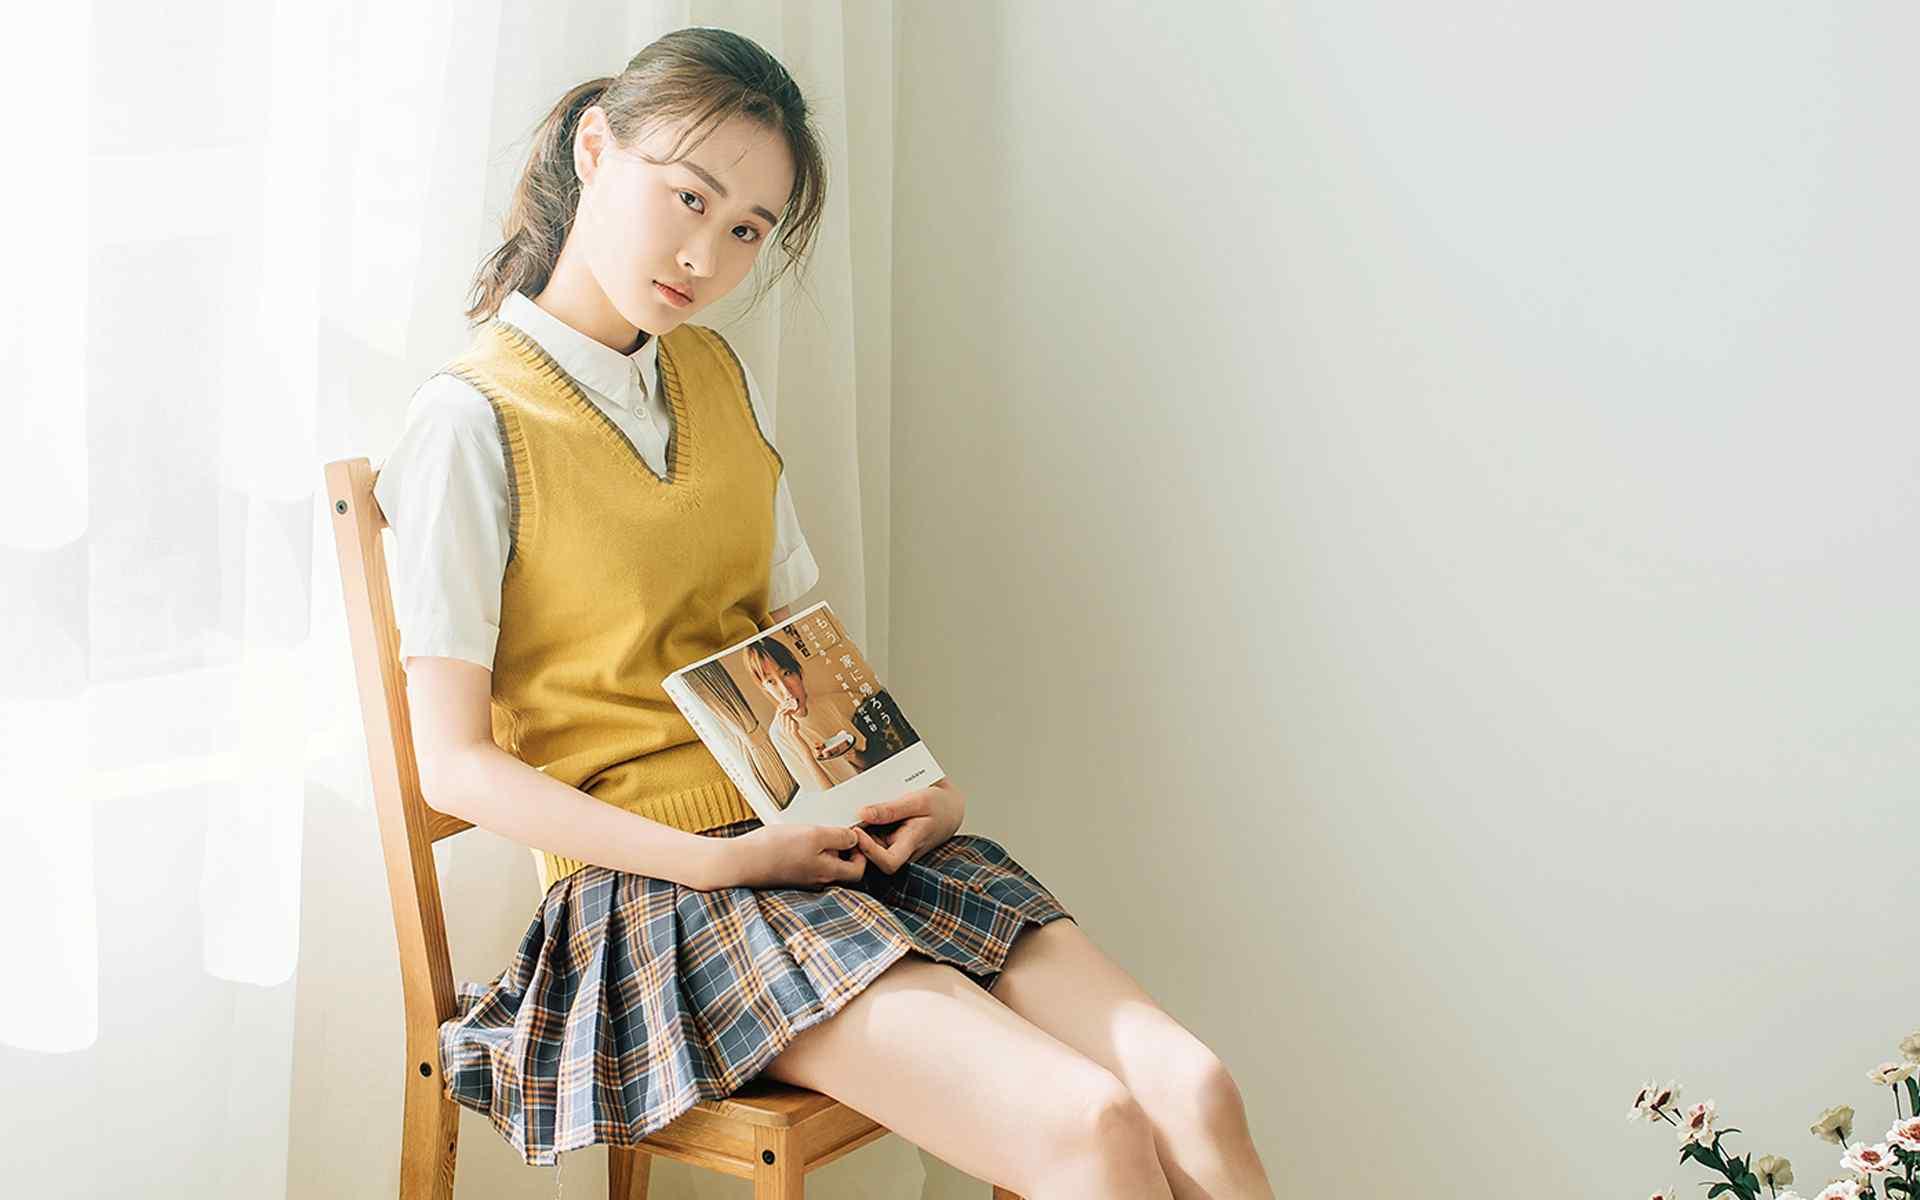 甜美台湾妹性感私房写真